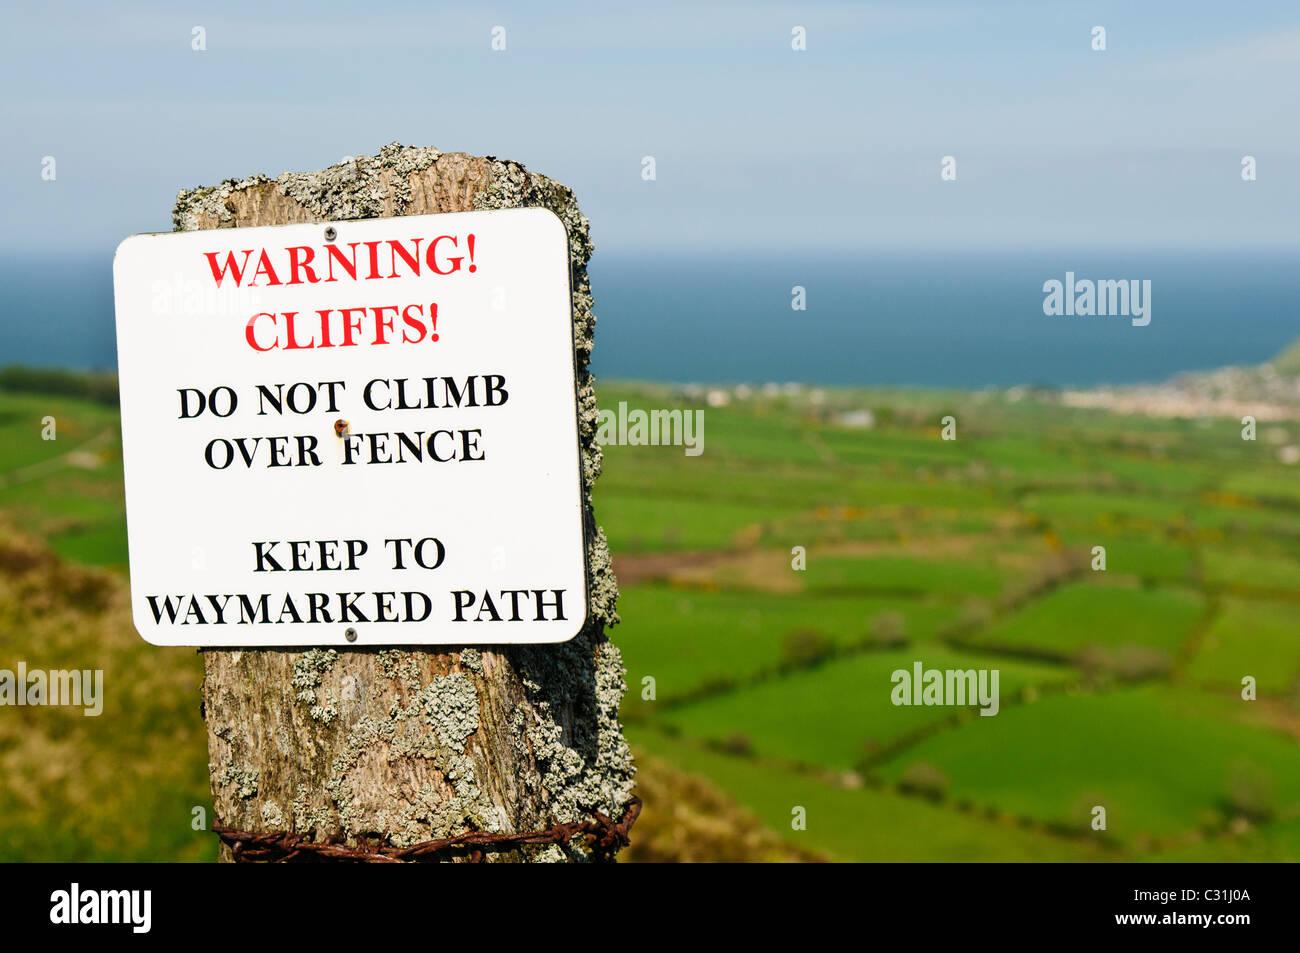 Signer les marcheurs d'avertissement de ne pas escalader une clôture en raison d'un danger de hautes Photo Stock